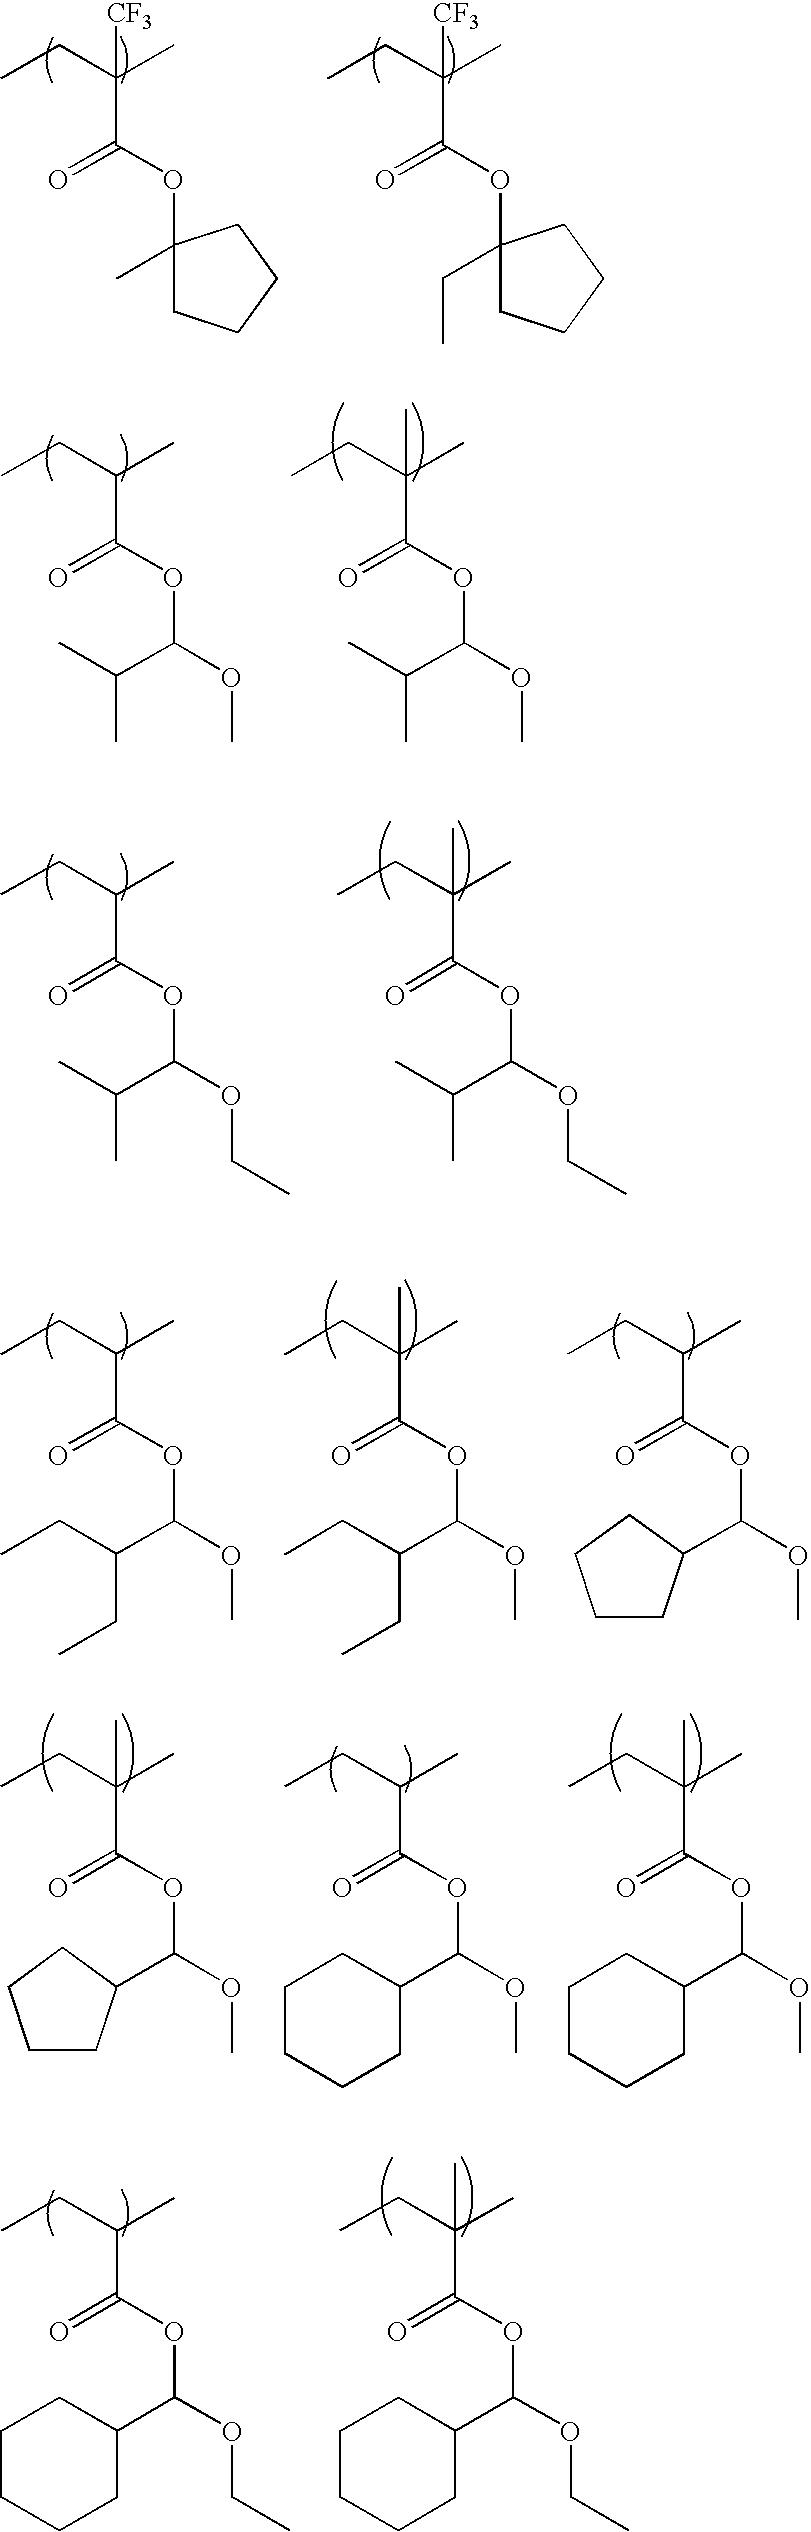 Figure US20090280434A1-20091112-C00049